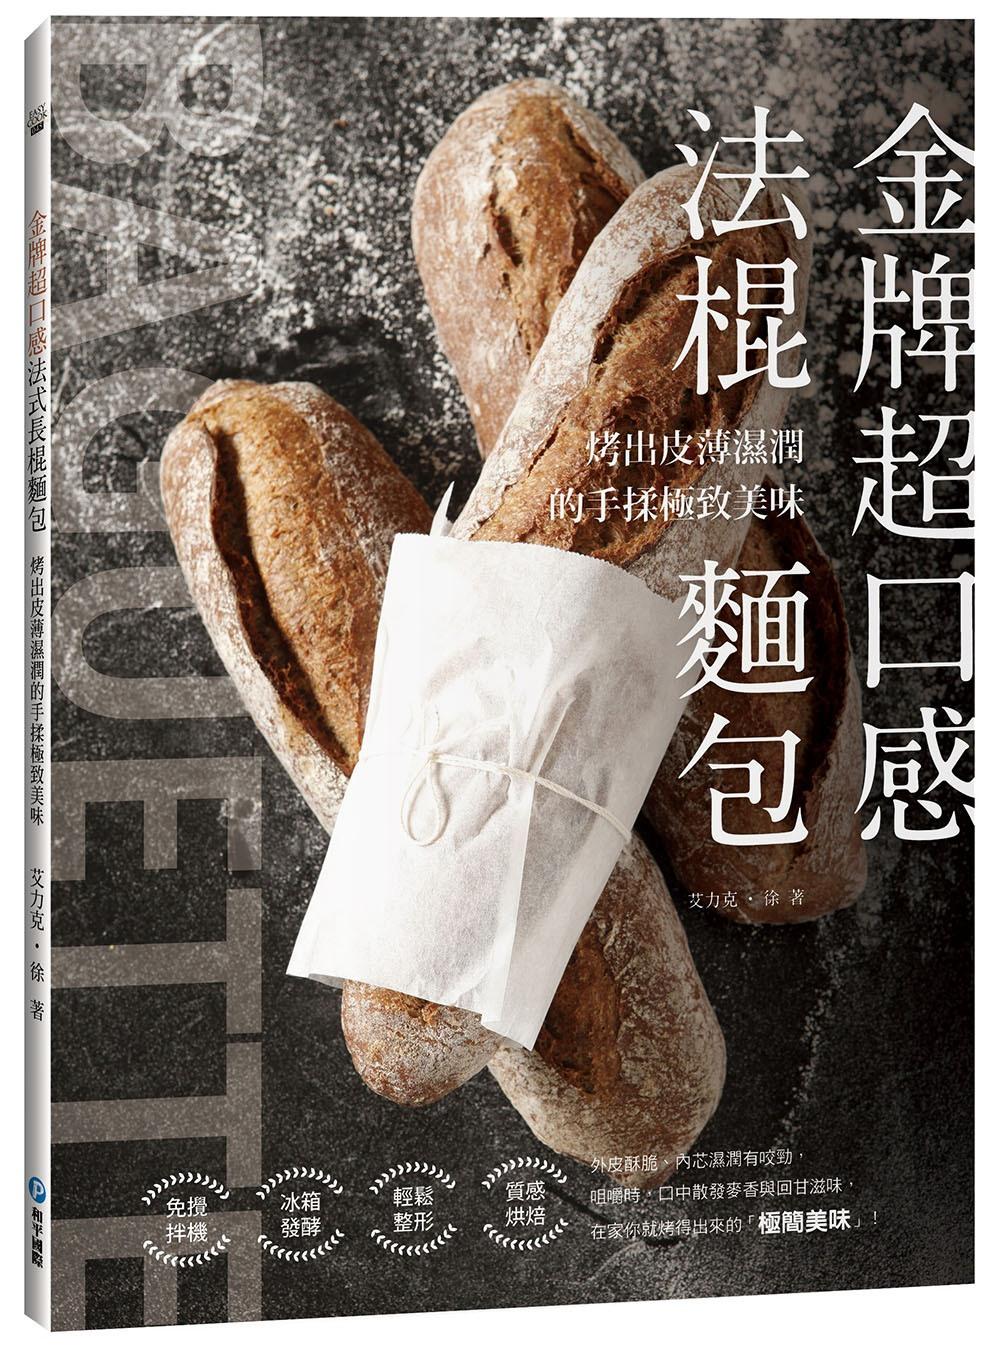 金牌超口感法棍麵包:烤出皮薄濕潤的手揉極致美味